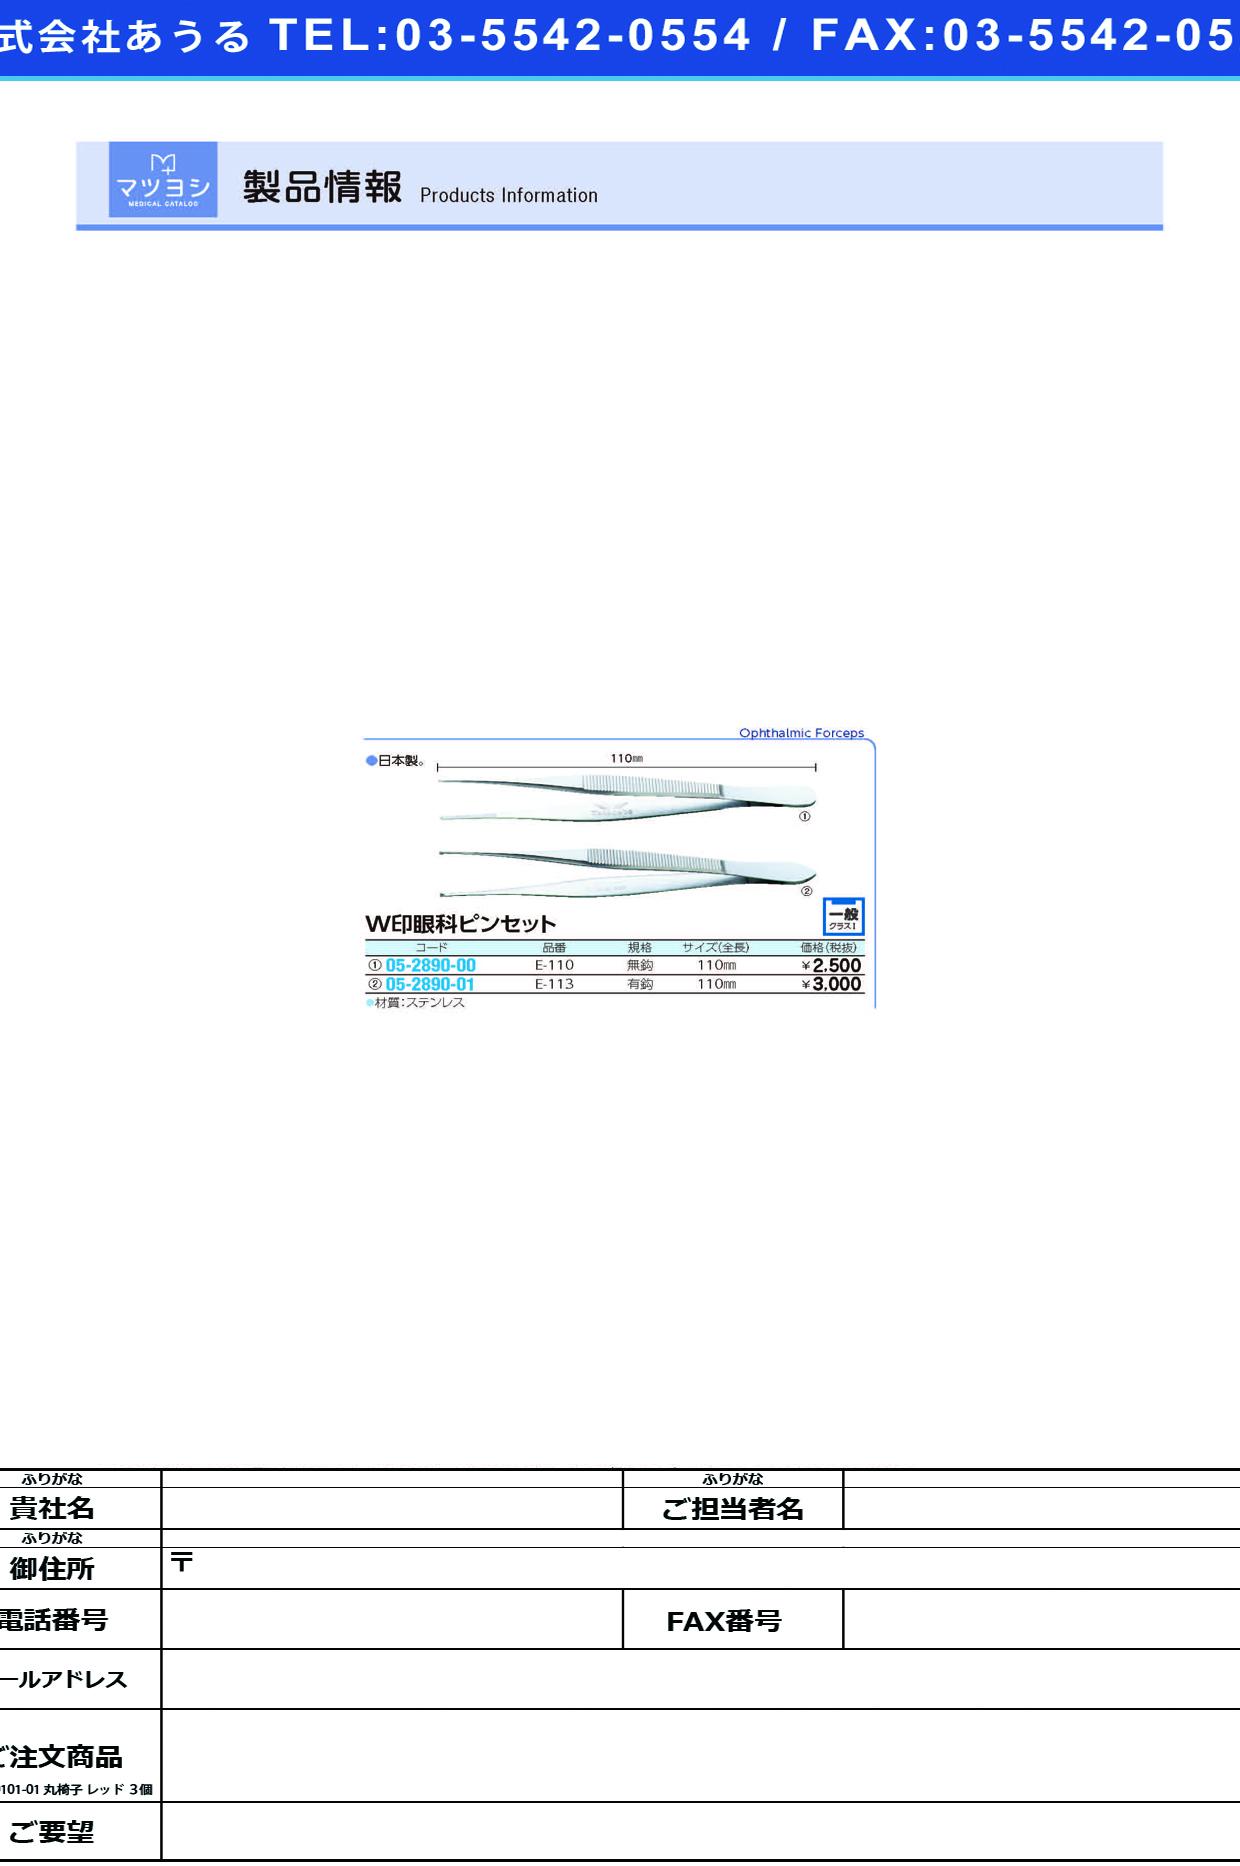 (05-2890-01)W印眼科ピンセット有鈎 E-113(ステンレス)110MM ピンセット【1本単位】【2019年カタログ商品】